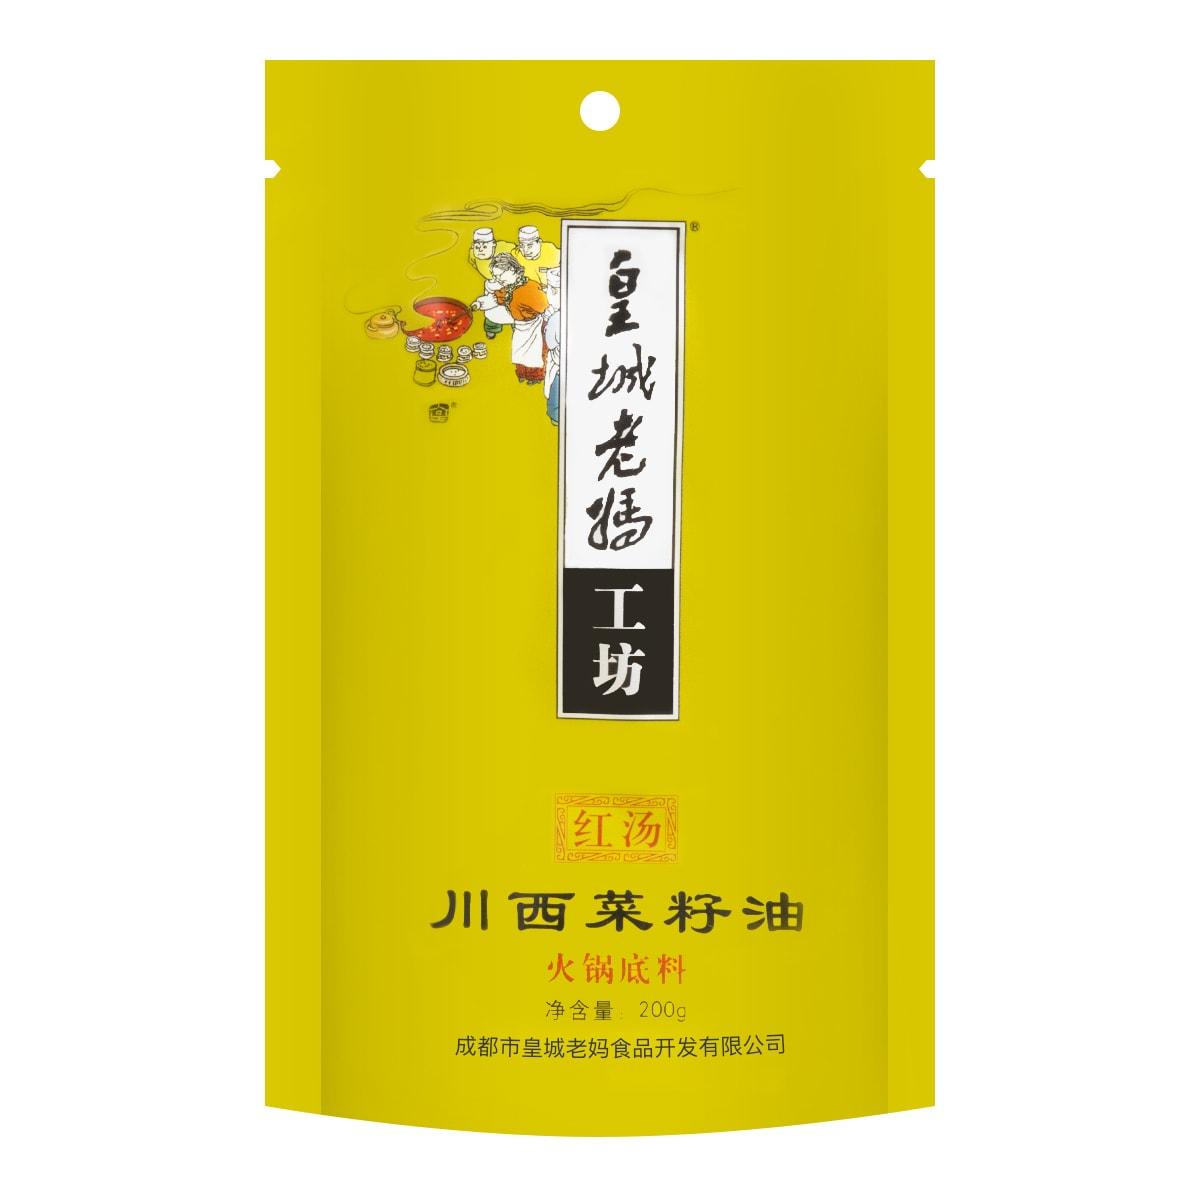 皇城老妈工坊 红汤川西菜籽油 火锅底料 200g